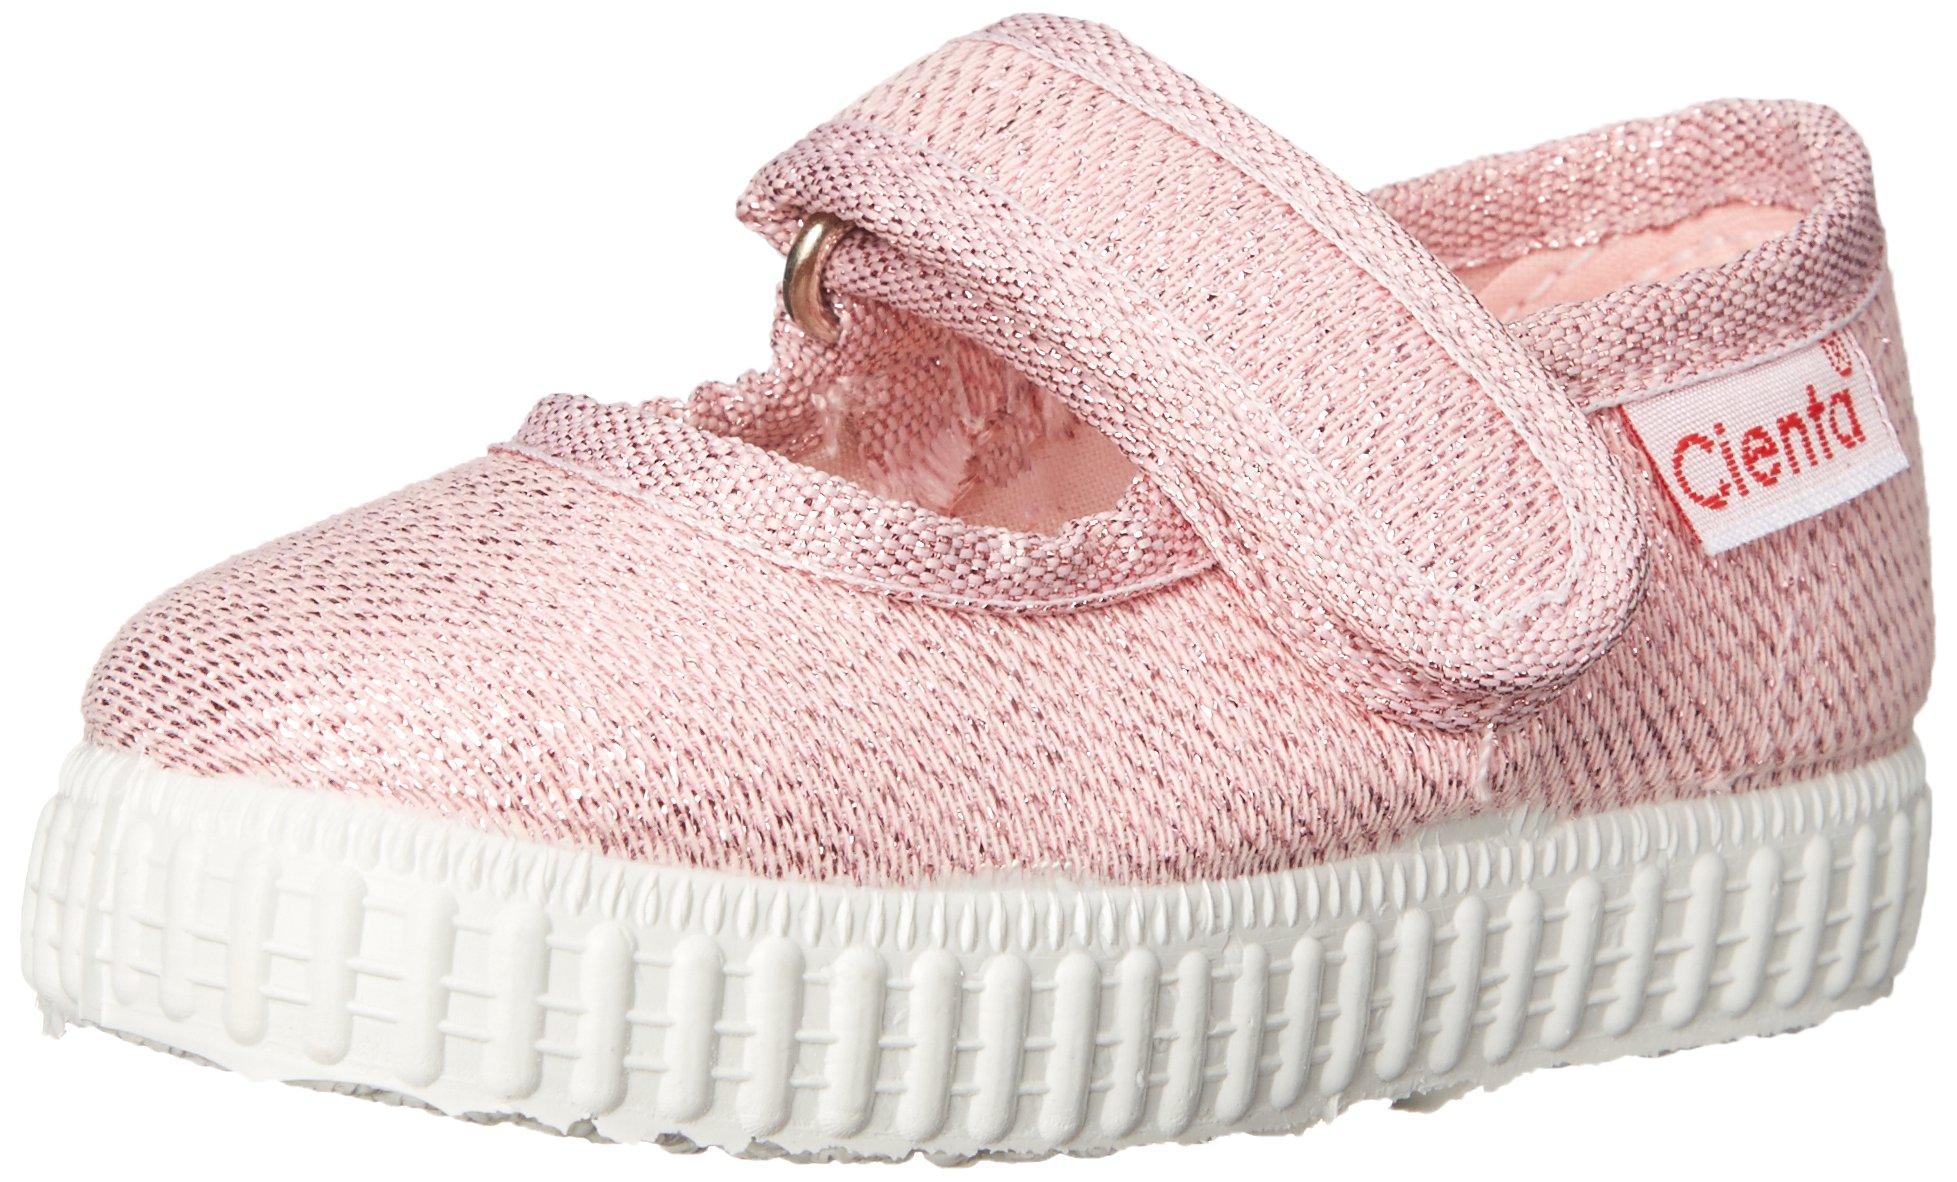 Cienta 56013 Mary Jane, Pink, 21 EU(5 M US Toddler)